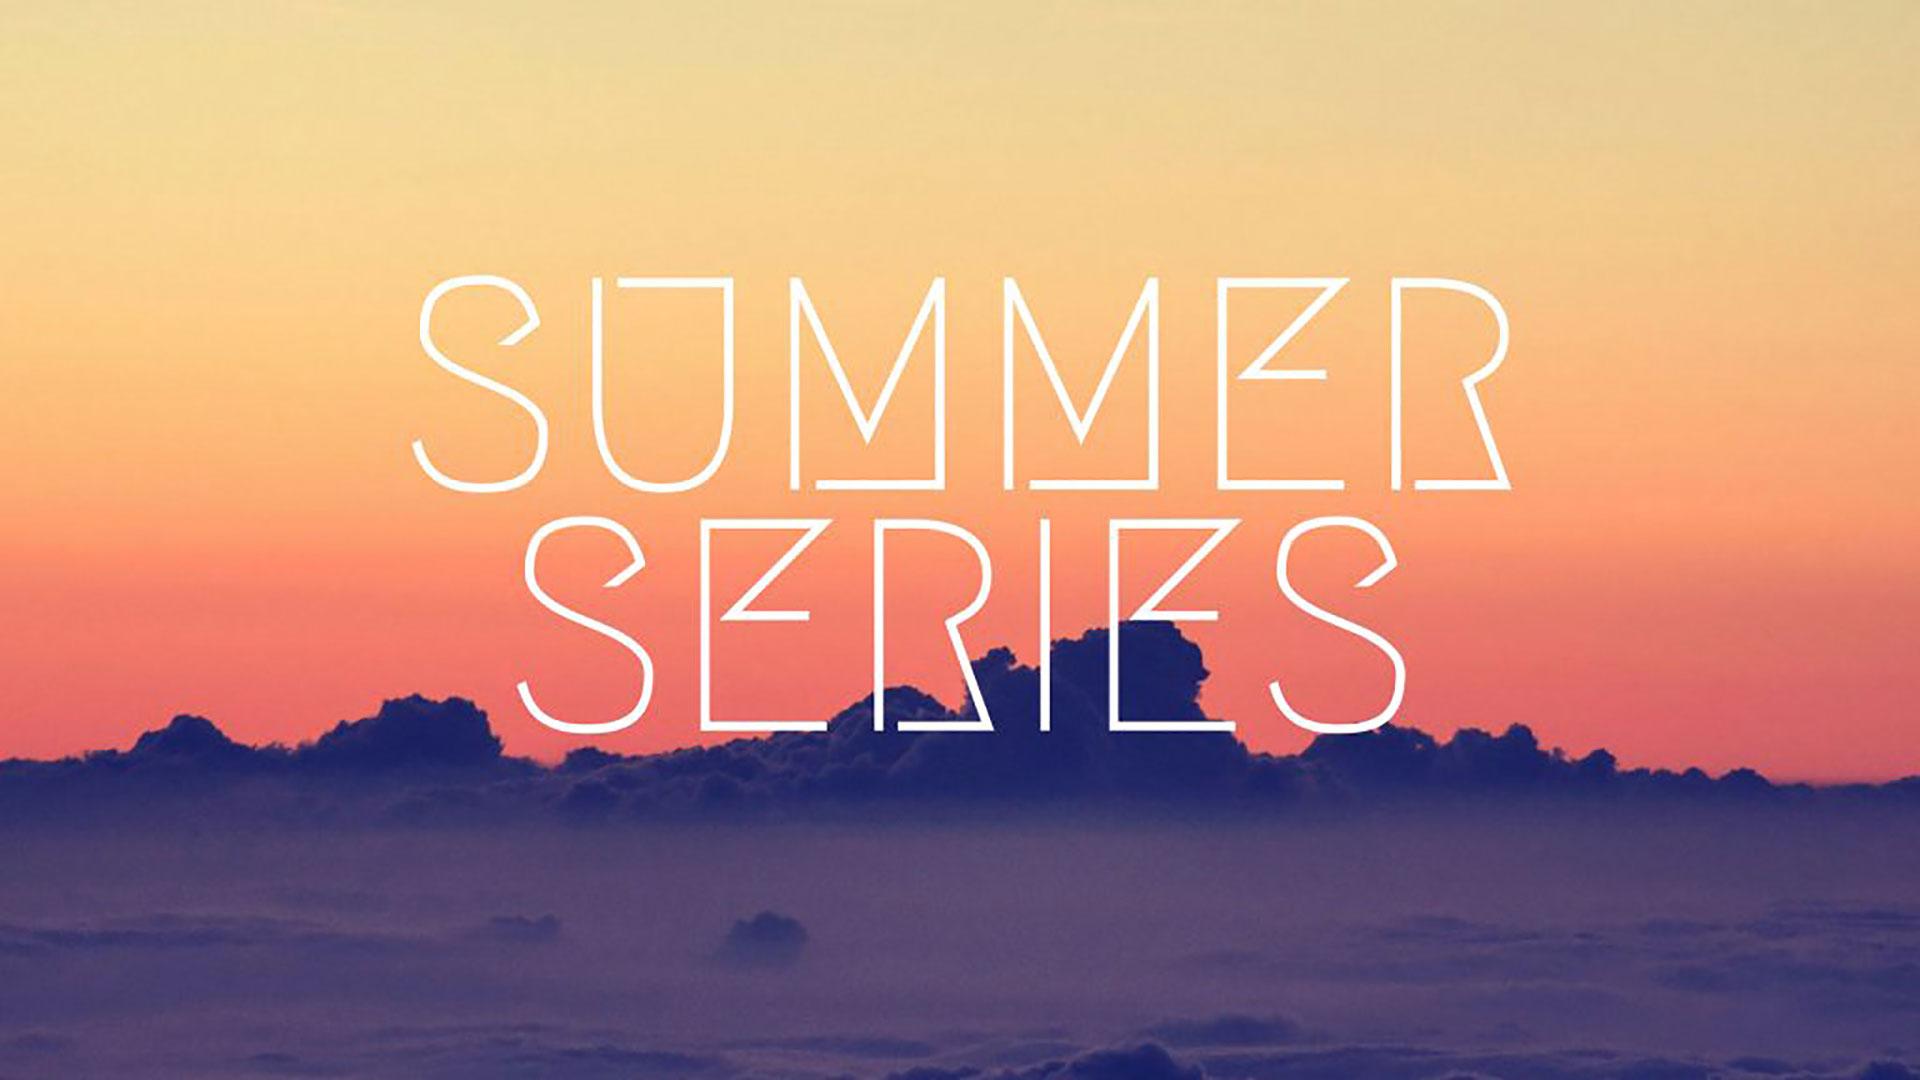 Series: Summer Series 2018